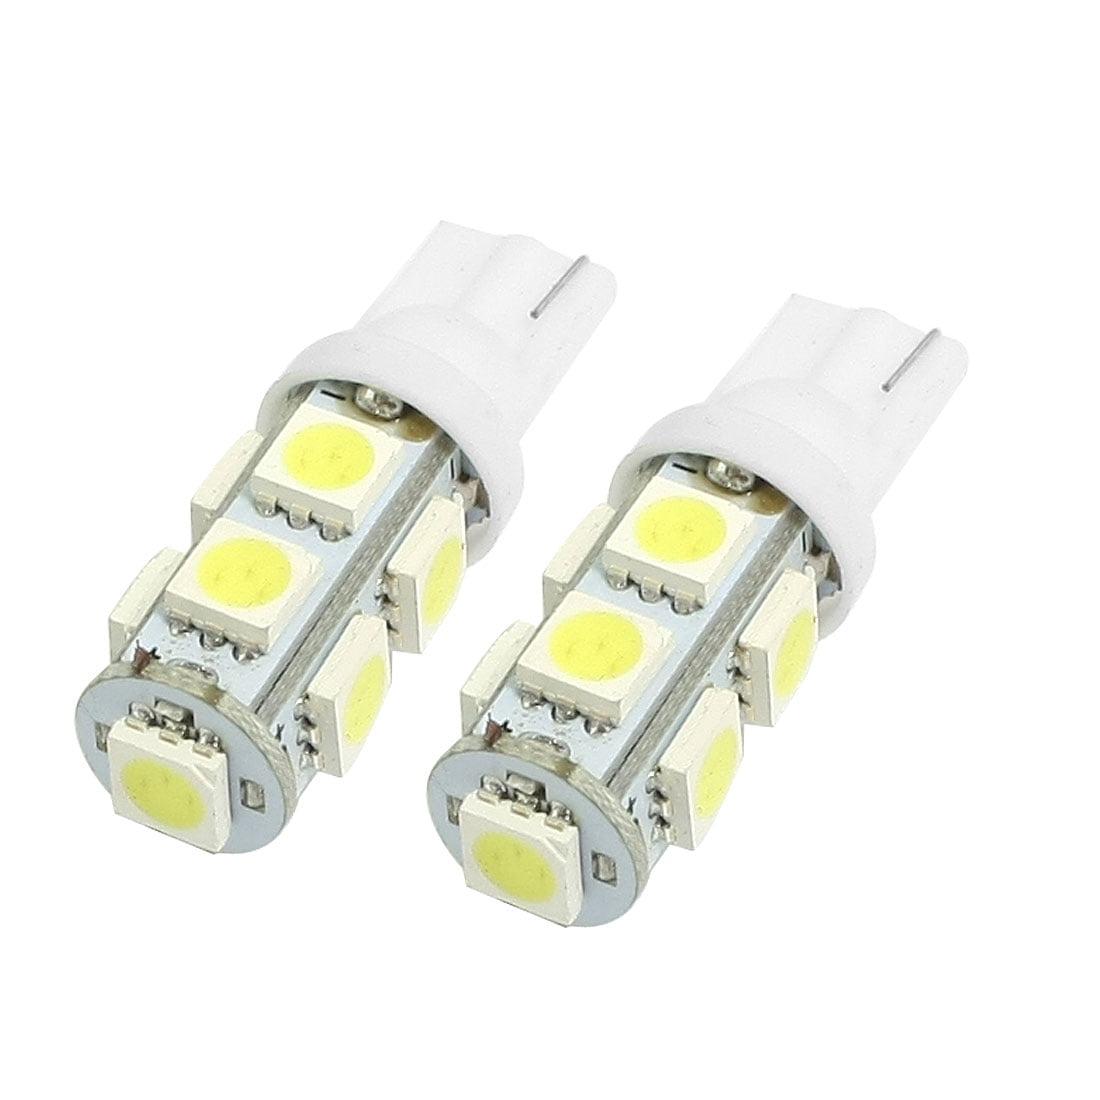 Unique Bargains 2 Pcs T10 194 168 W5W 5050 9-SMD LED Car Wedge Light Bulb Lamp White